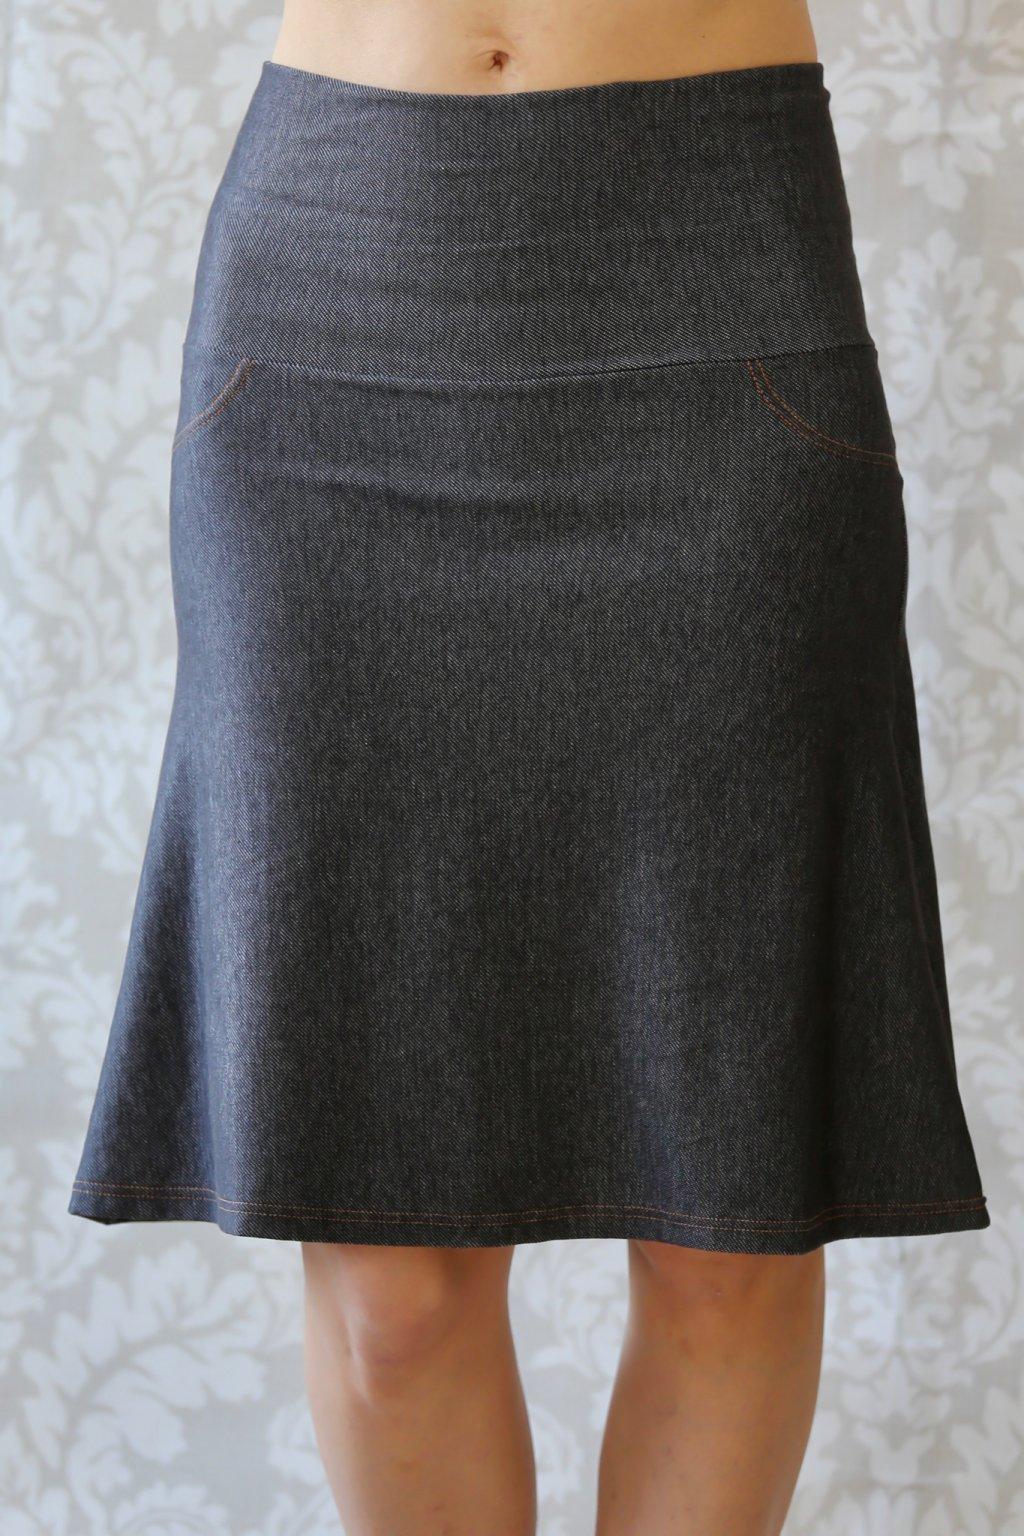 Džínová sukně Aine s kapsama / Antracit